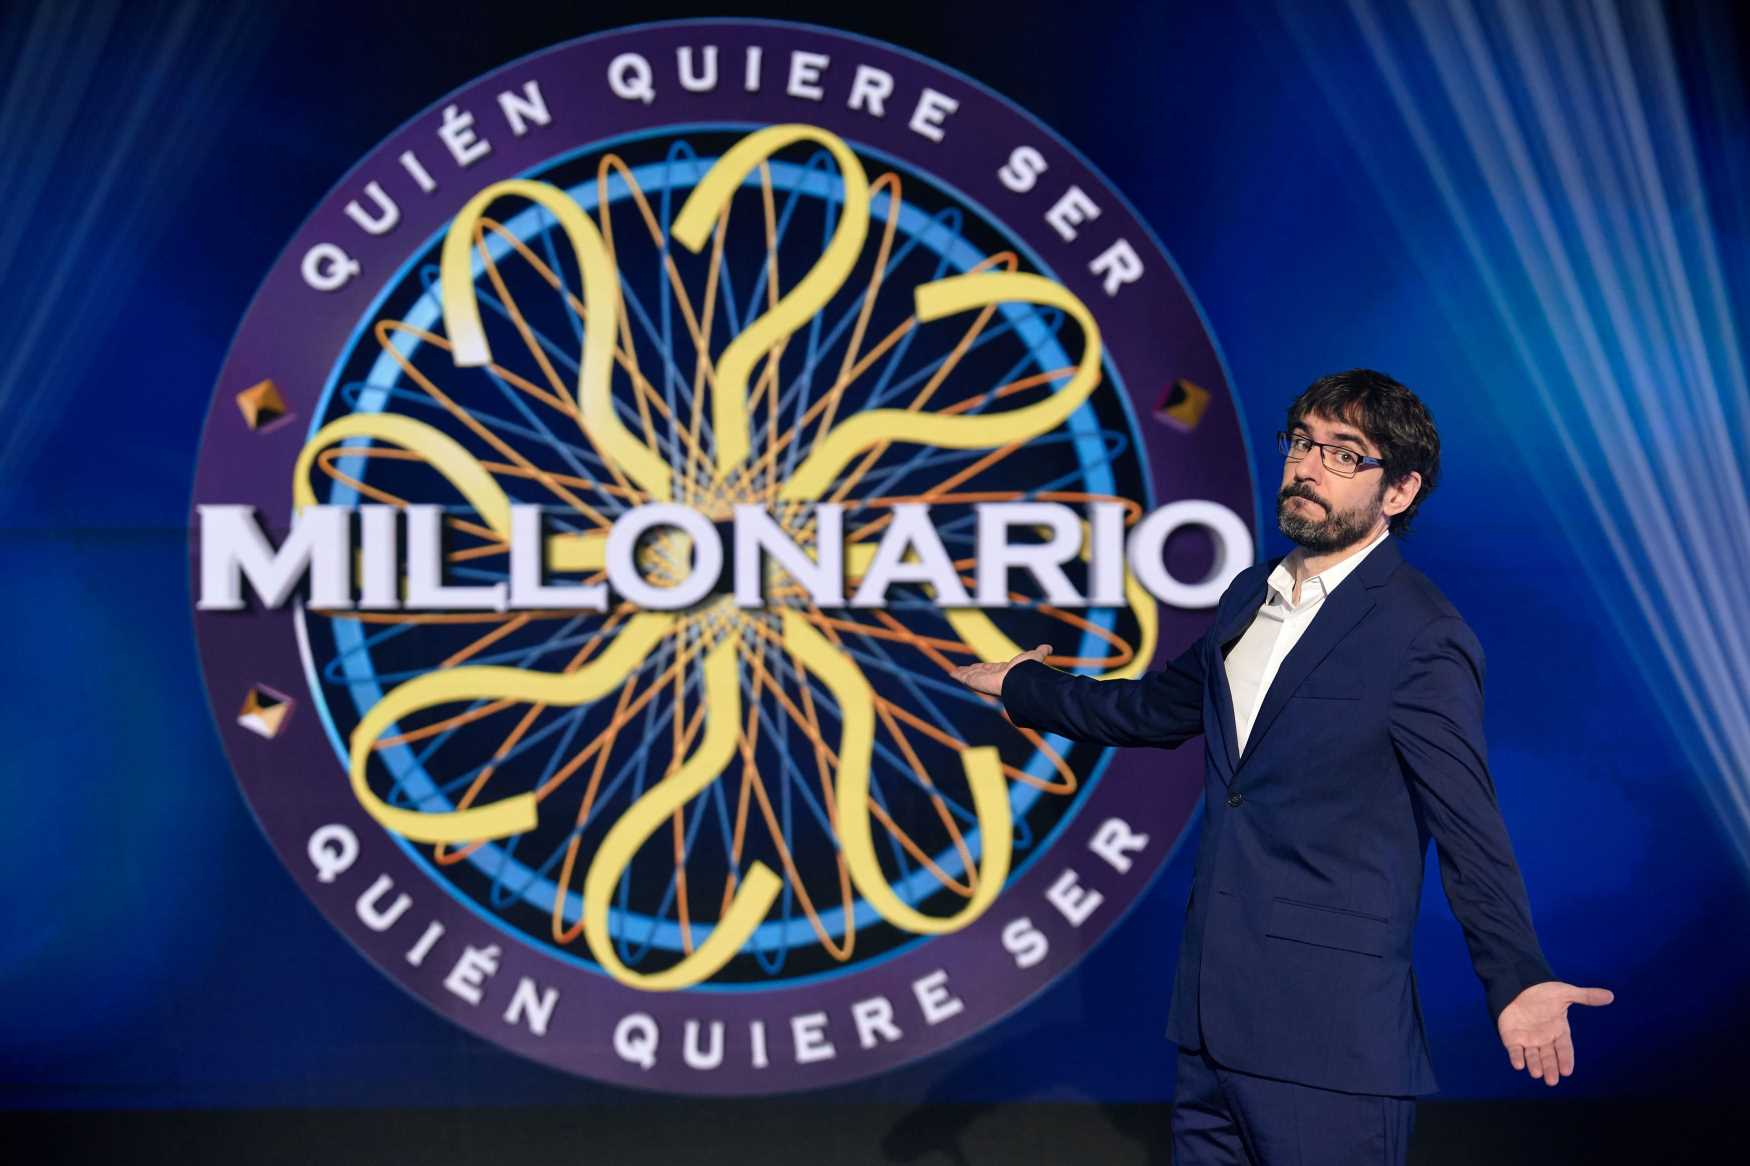 '¿Quién quiere ser millonario?': Juanra Bonet estrena la edición con famosos